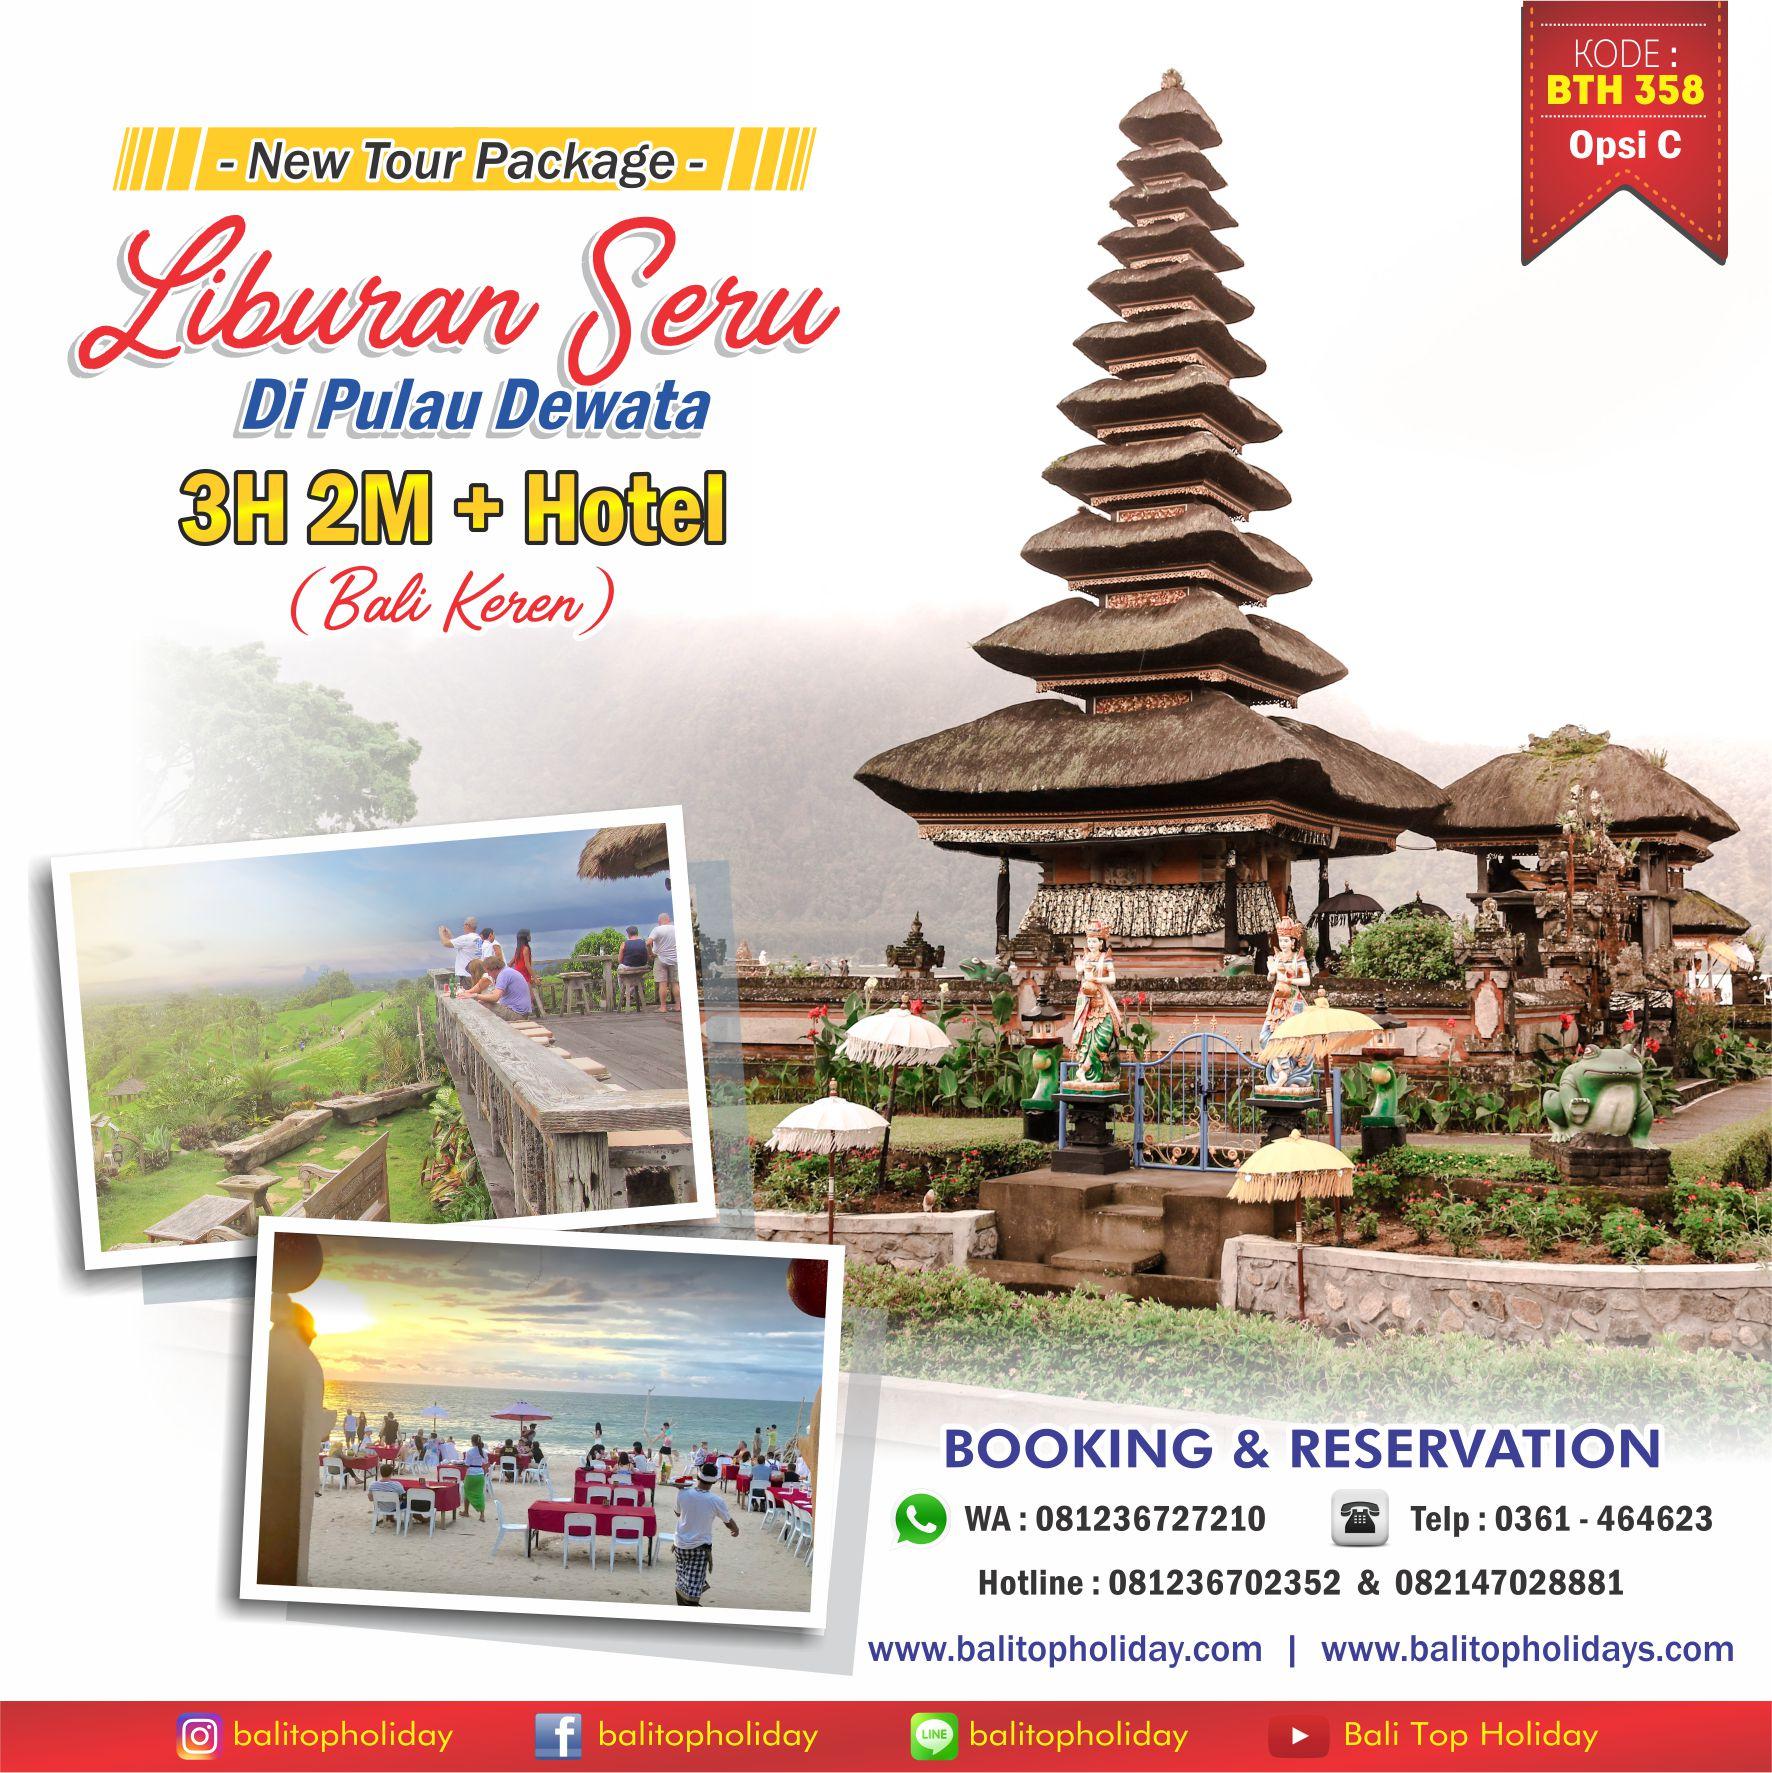 Paket tour Bali 3 Hari 2 Malam Bali Keren